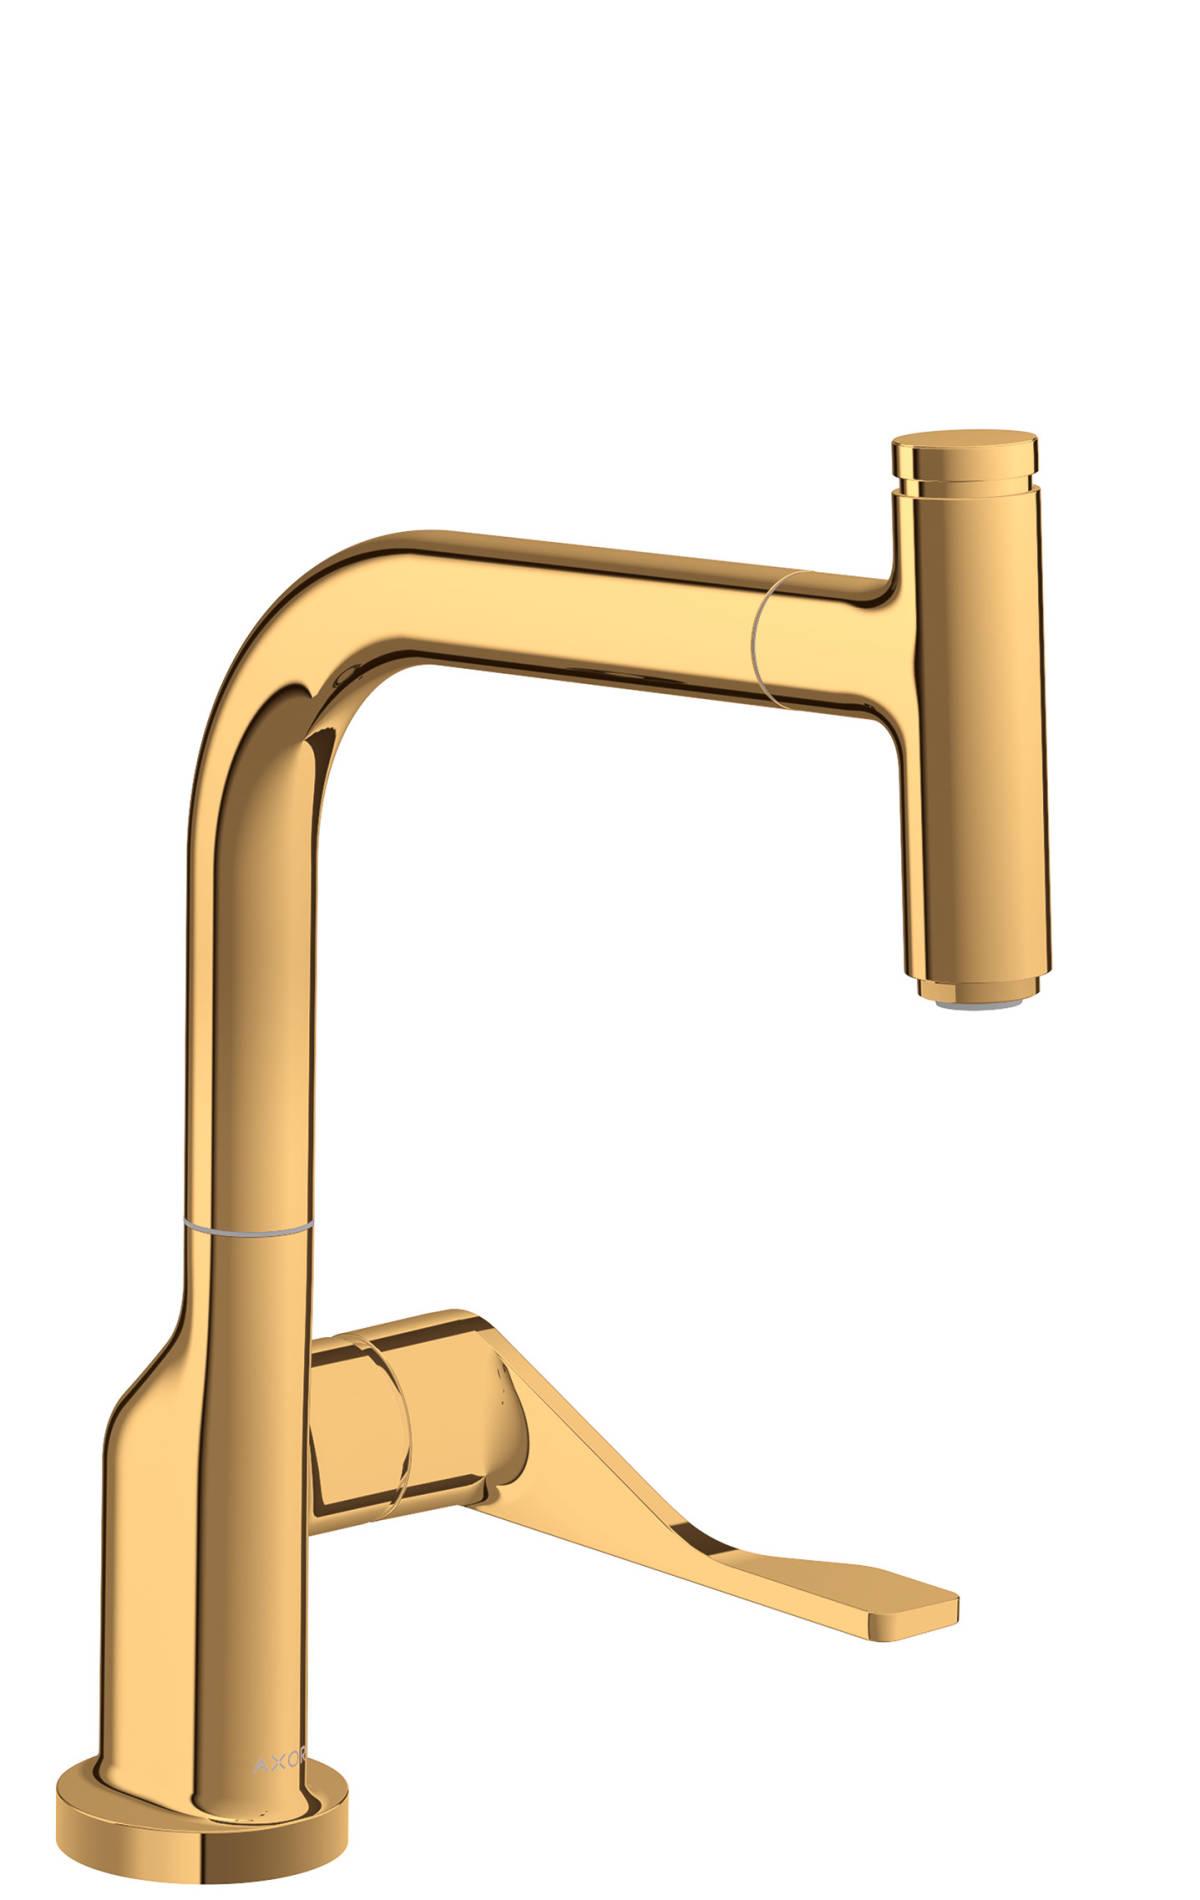 Mezclador monomando de cocina Select 230 con caño extraíble, color oro pulido, 39861990